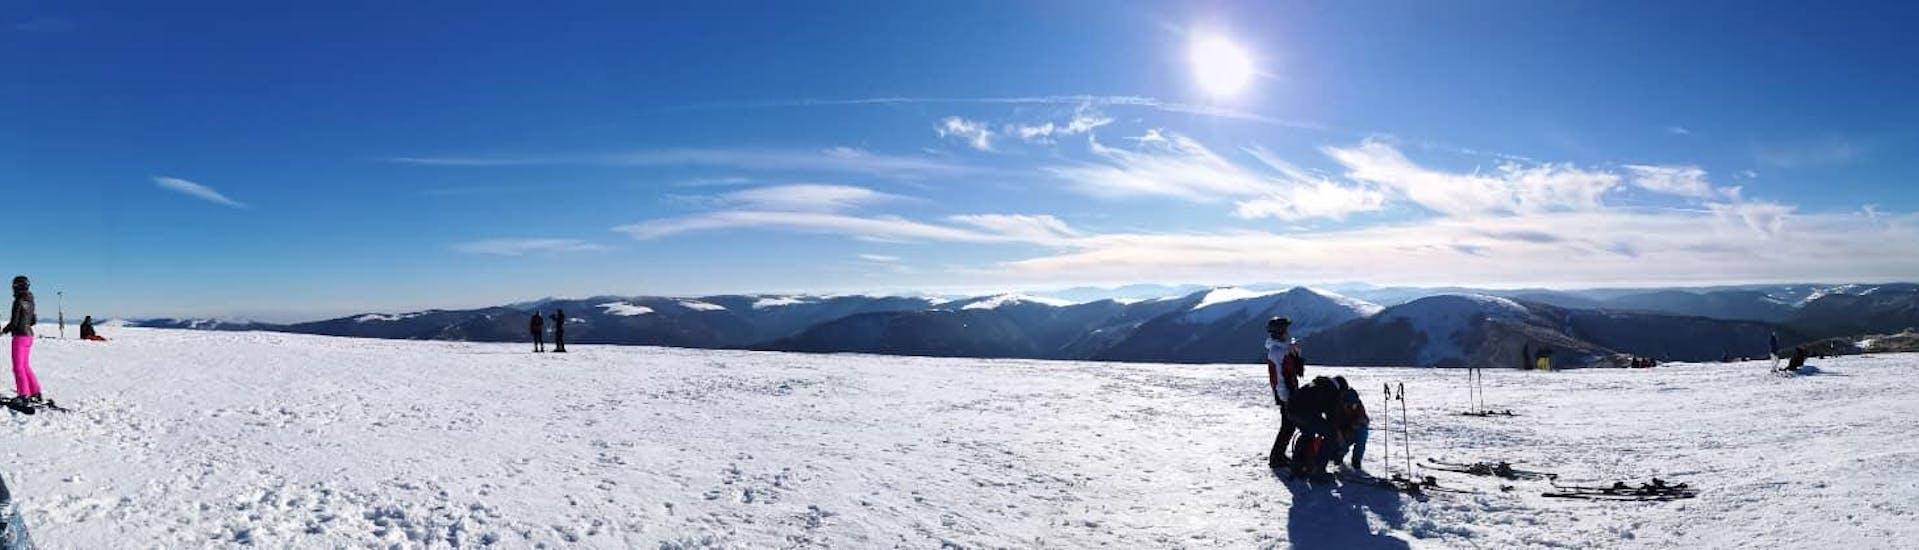 Eine Gruppe Skifahrer steht am Beginn der Skipiste und blicken über das Skigebiet La Bresse, wo die Skischule Moonshot Skikurse für all jene anbietet, die das Skifahren lernen wollen.